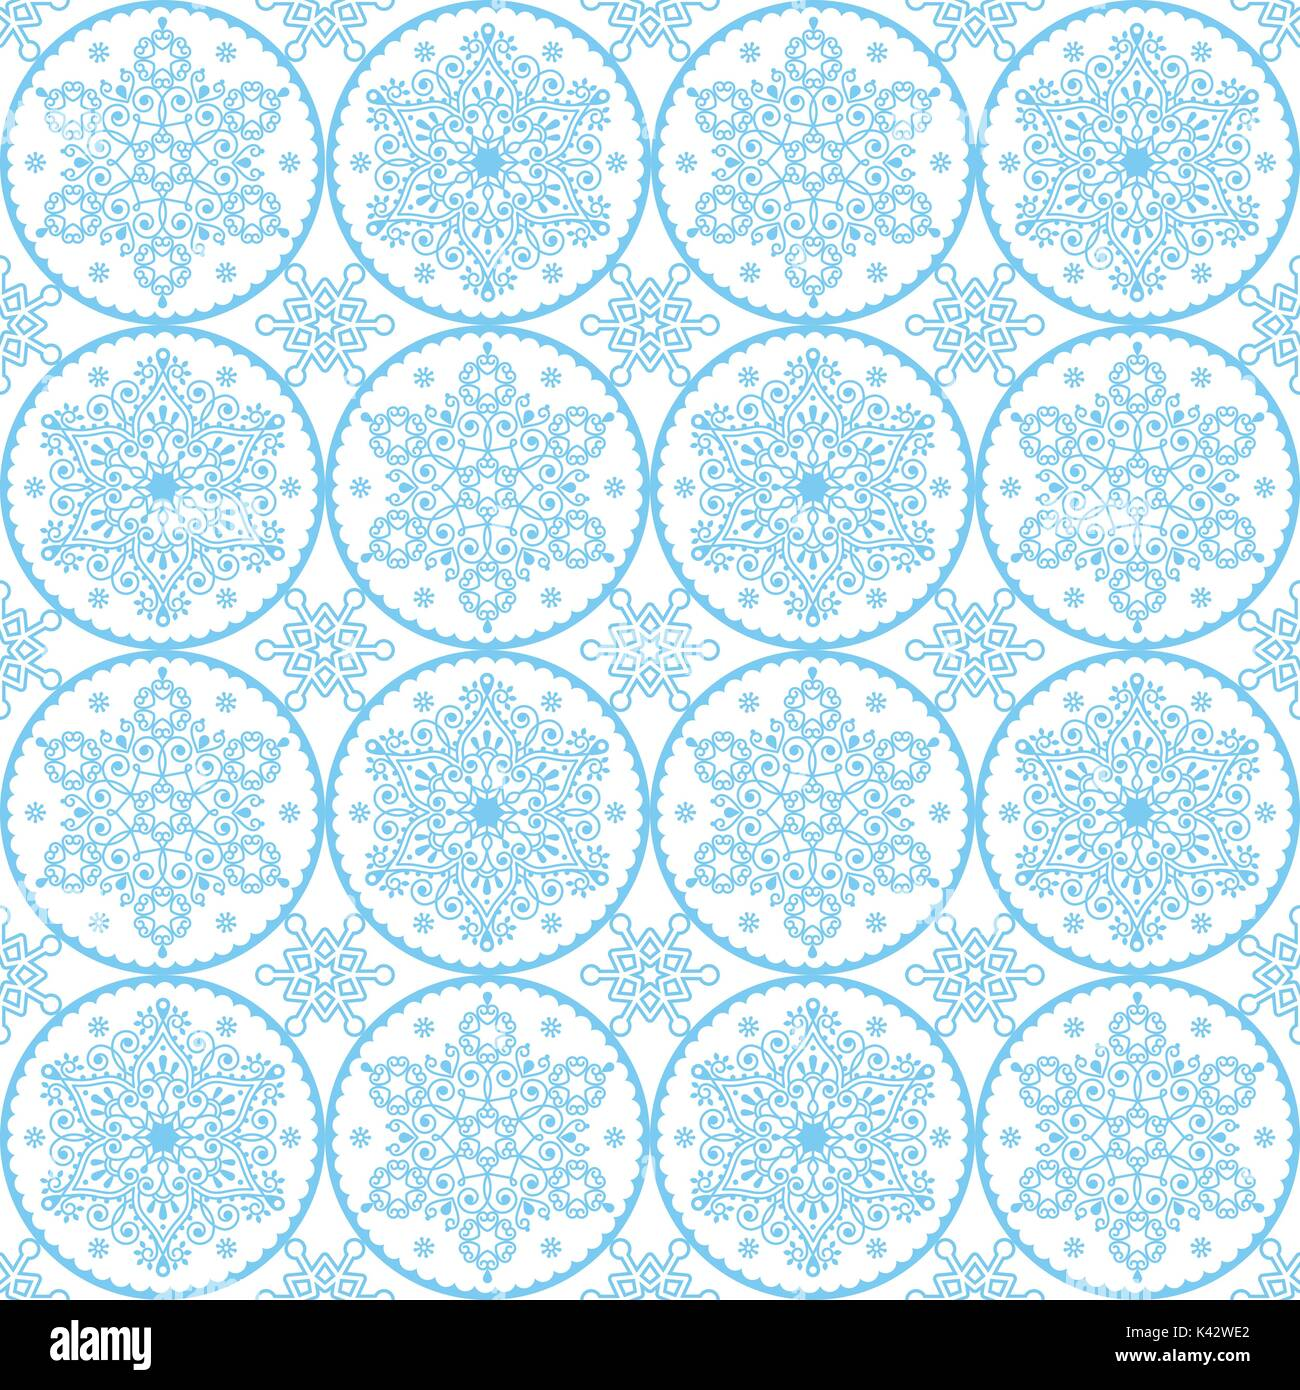 https www alamyimages fr vecteur de noel motif art populaire blue snowflakes conception sans couture fond d ecran de noel de style scandinave du papier d emballage ou du textile image157415834 html